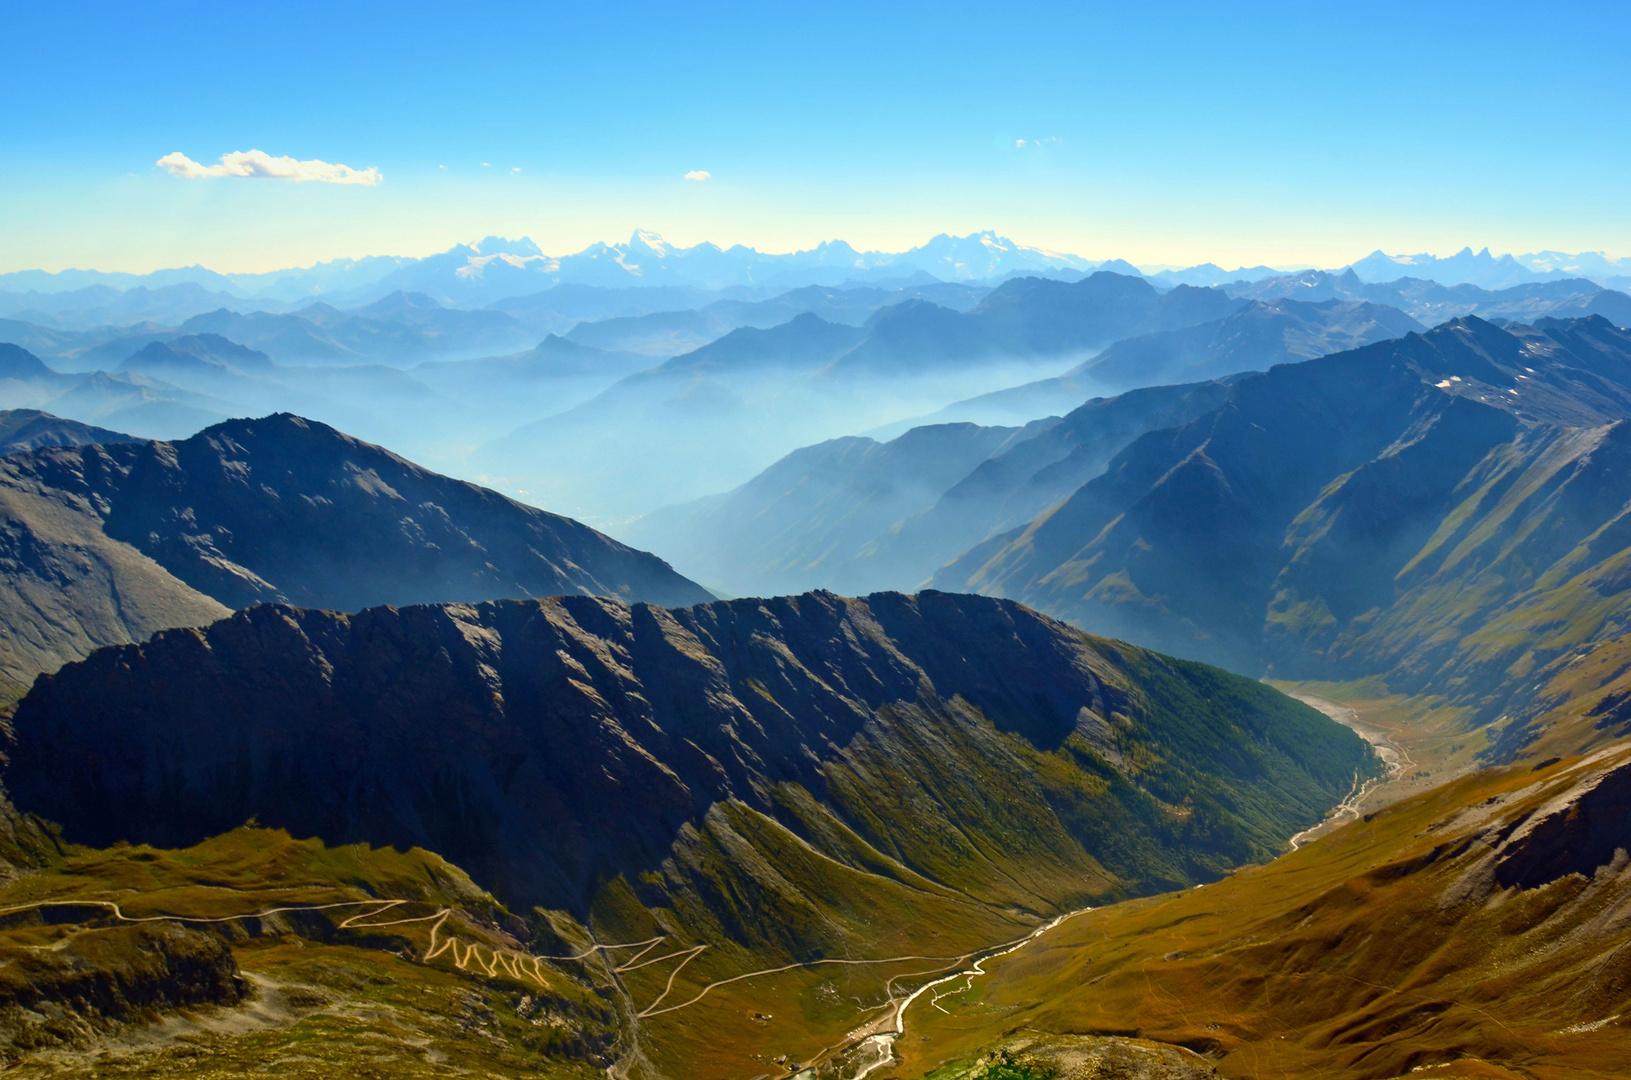 Alpen-Region an der Grenze zu Italien